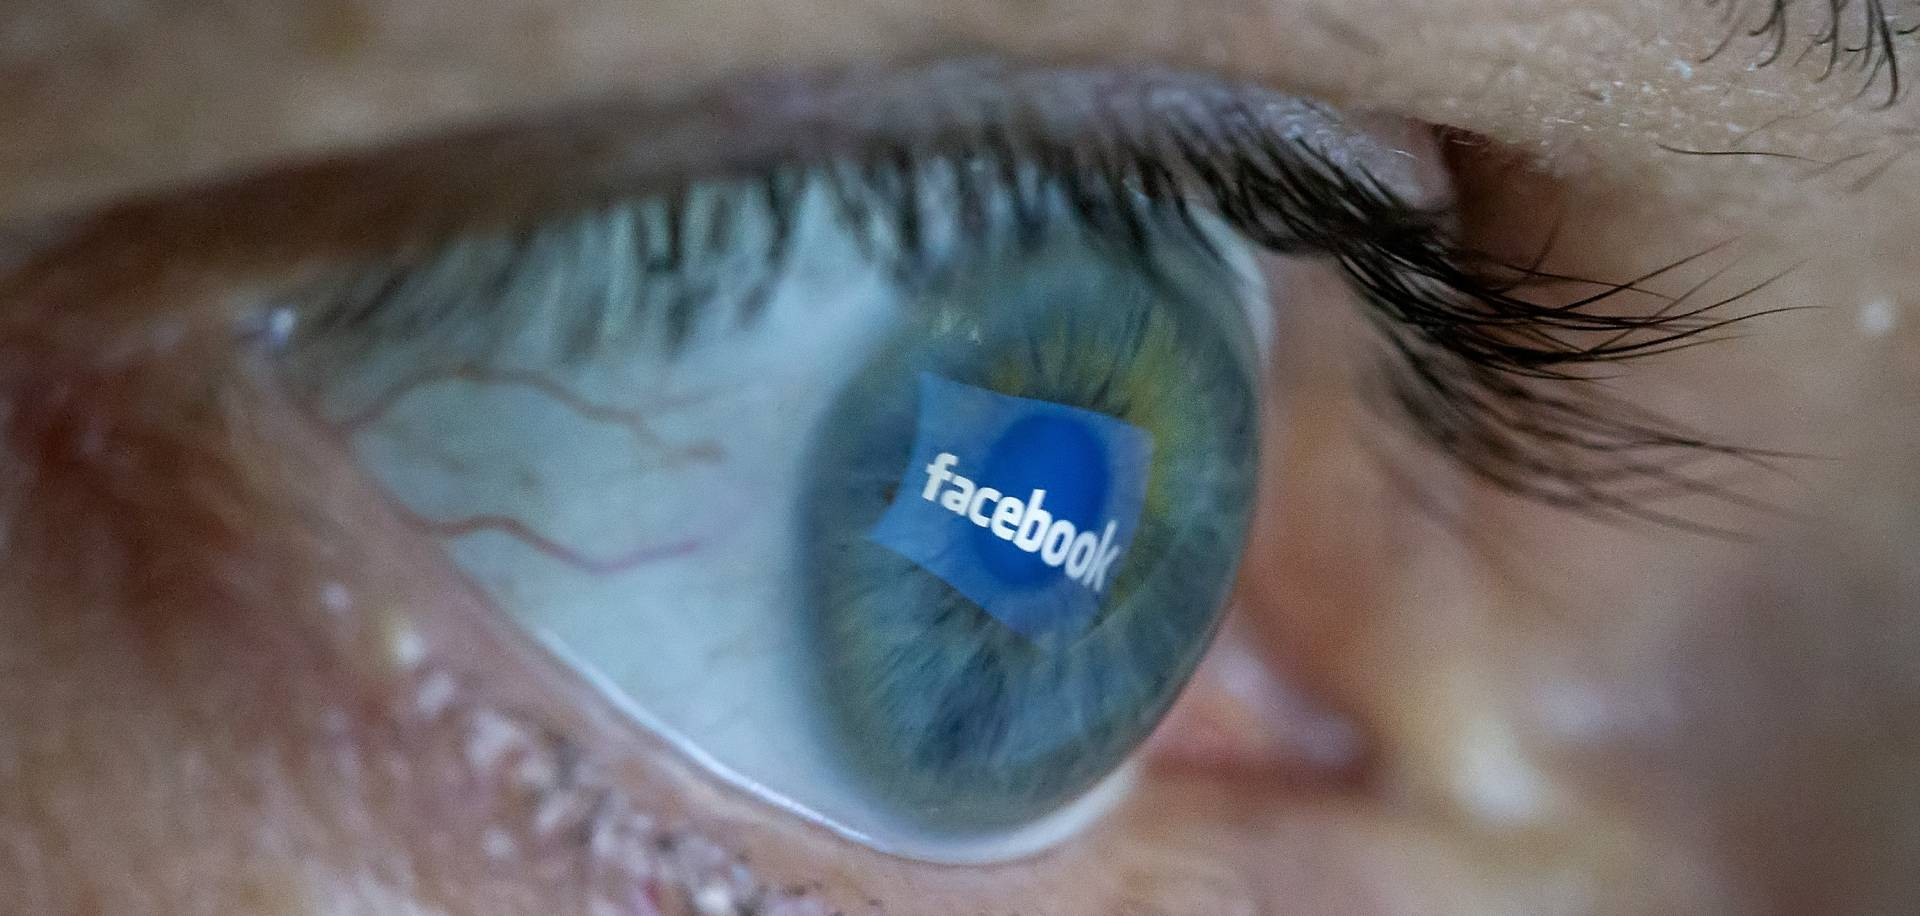 VELIKA POPULARNOST U AZIJI: Facebook više zarađuje na oglasima u inozemstvu nego u SAD-u